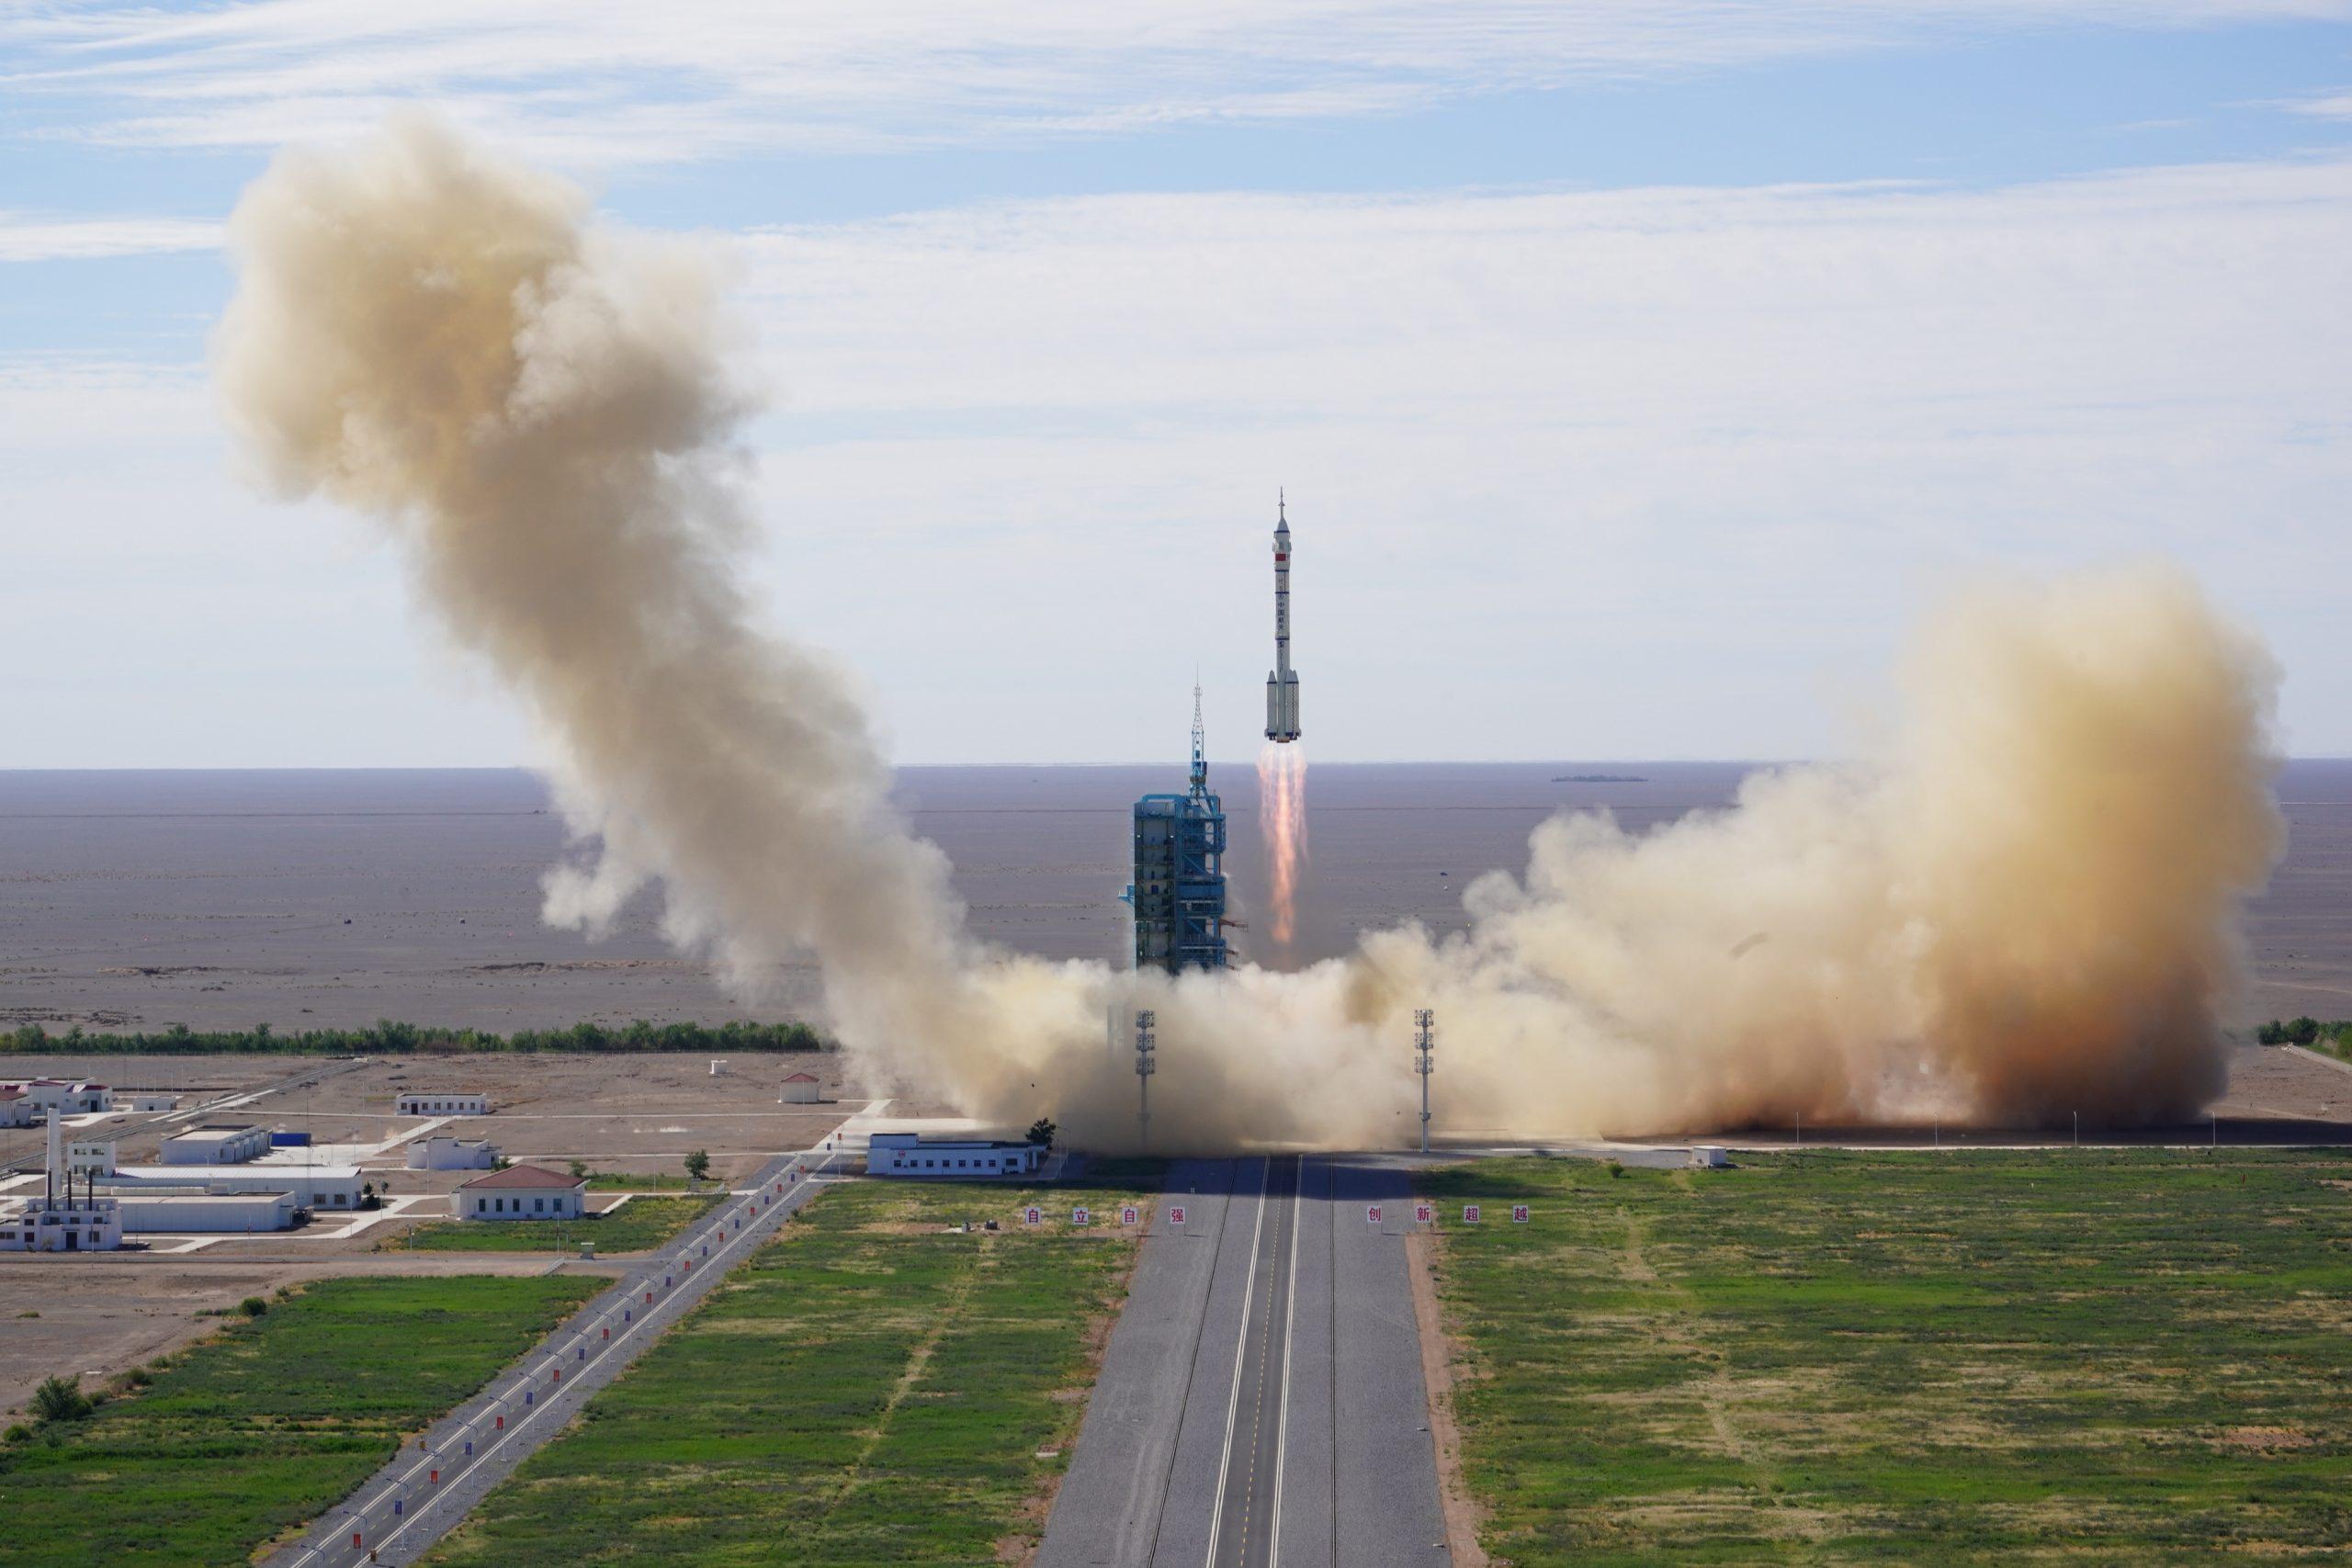 Nave espacial tripulada china Shenzhou-12 se acopla con módulo de estación espacial